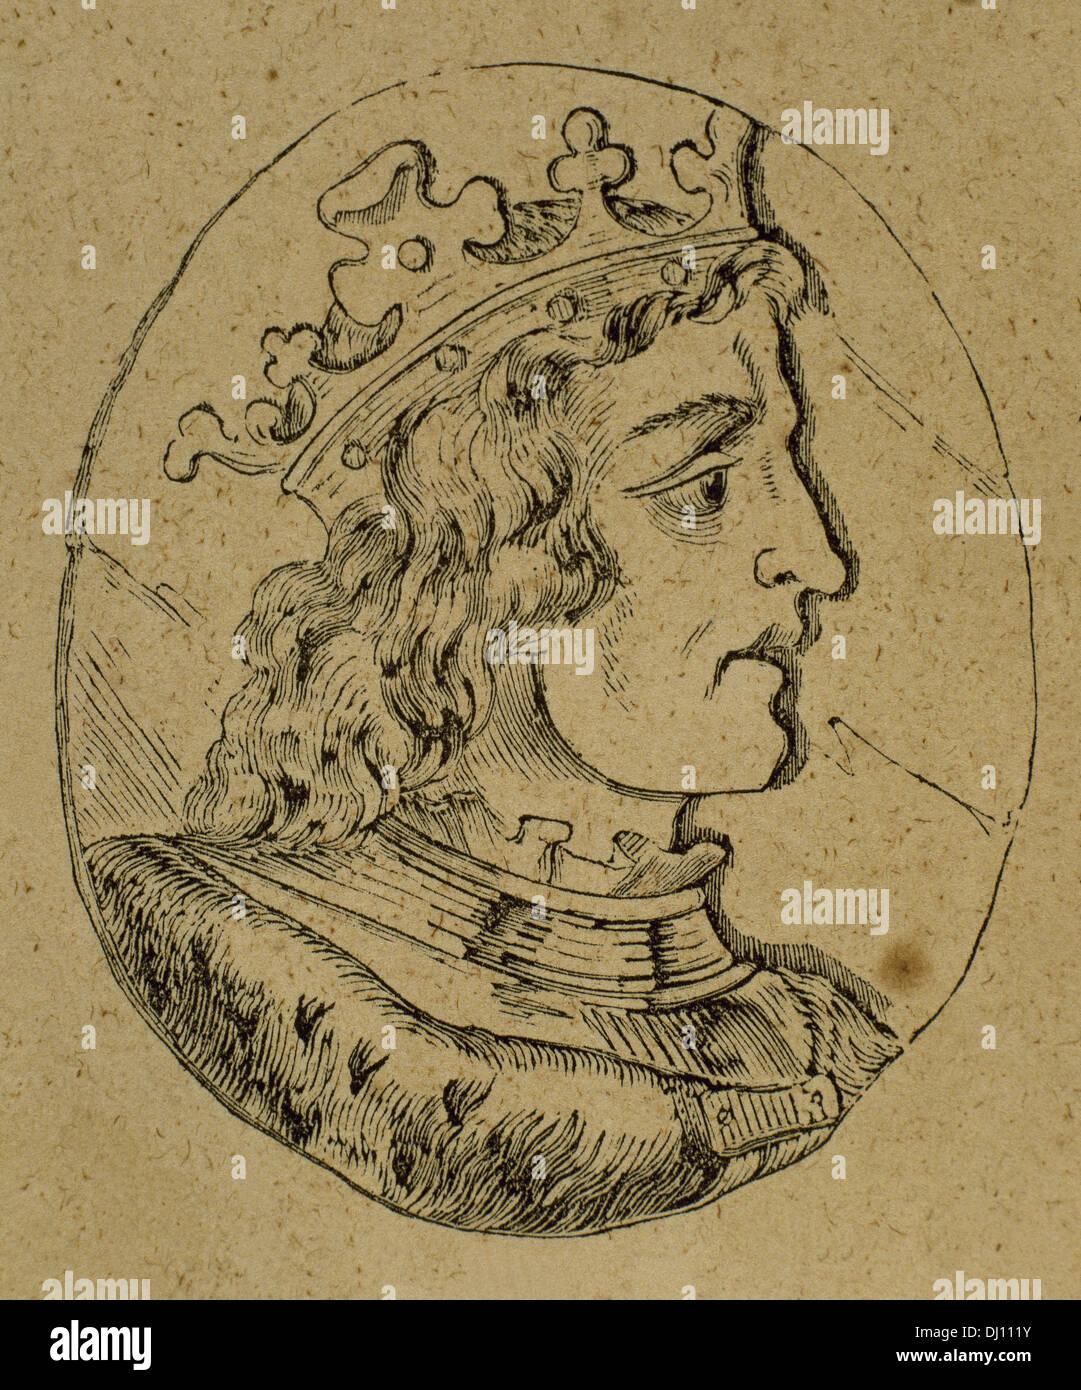 Ramiro III (961-985), roi de León (966-984). La gravure. Photo Stock